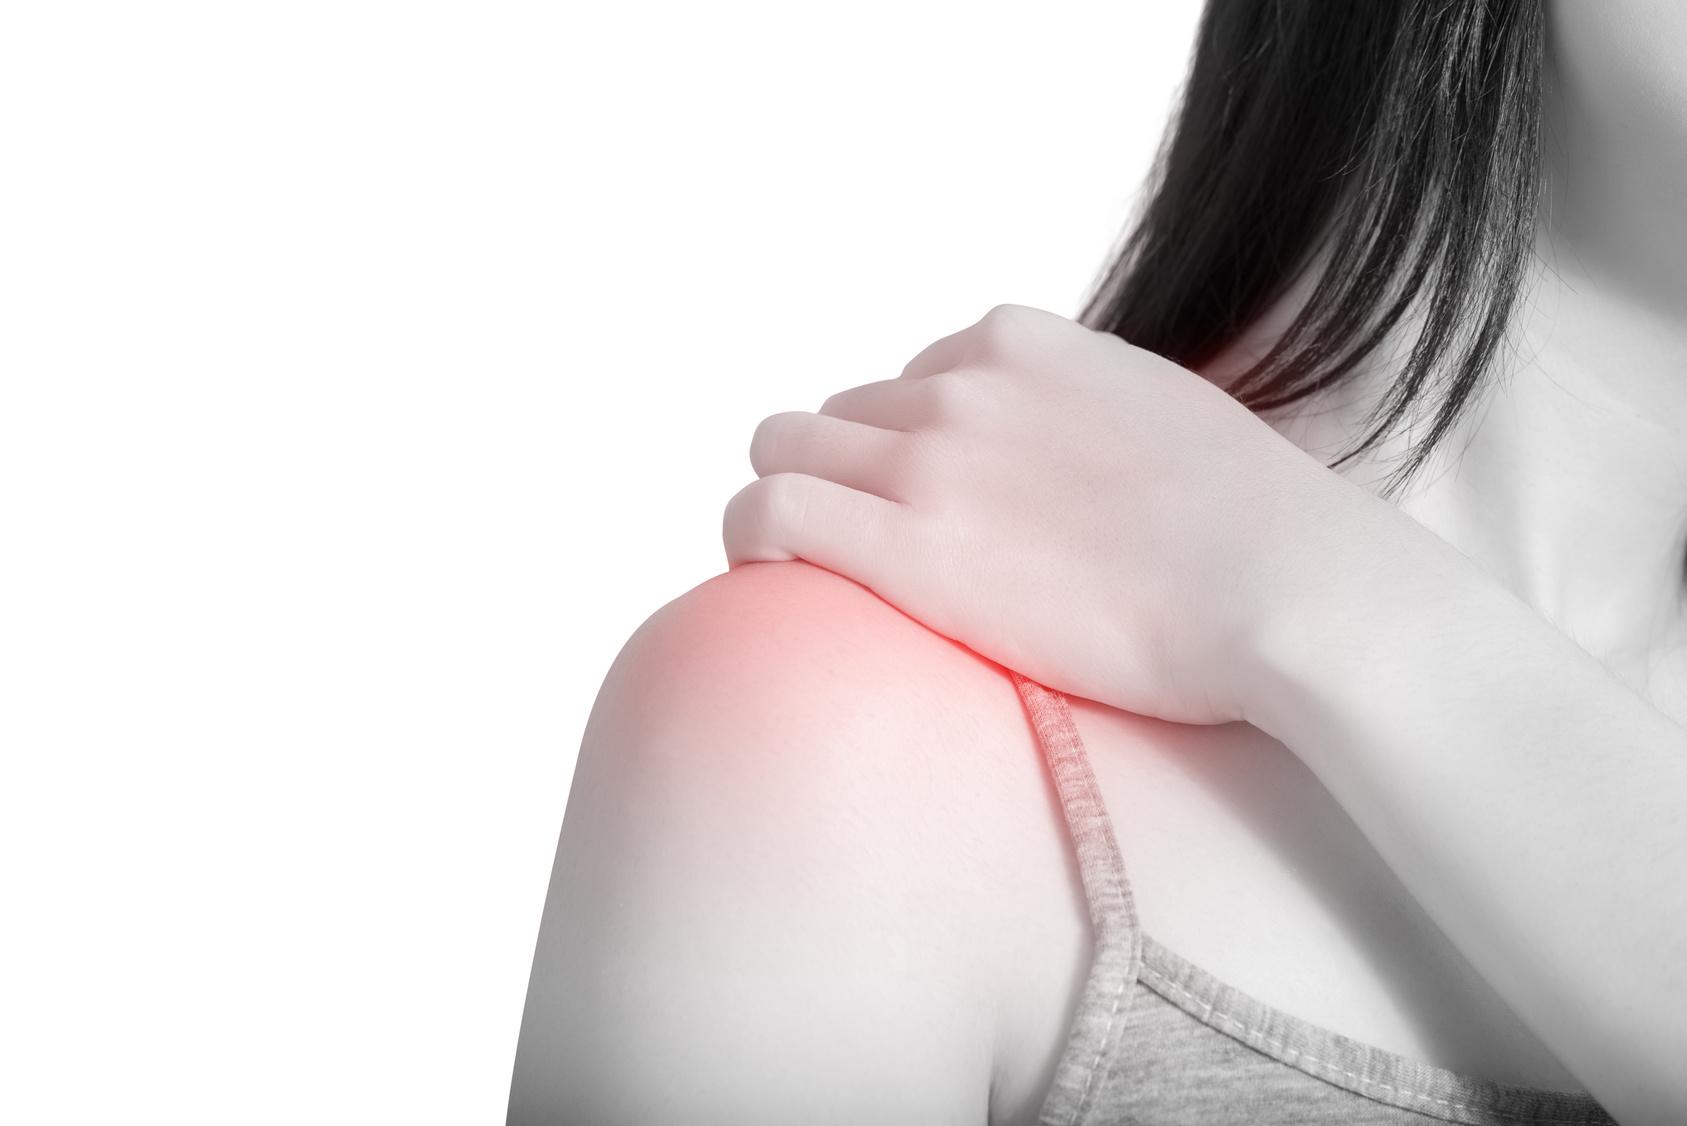 肩鎖関節脱臼の名医は低侵襲なタイトロープ法を選びがち!【ドイツ論文】